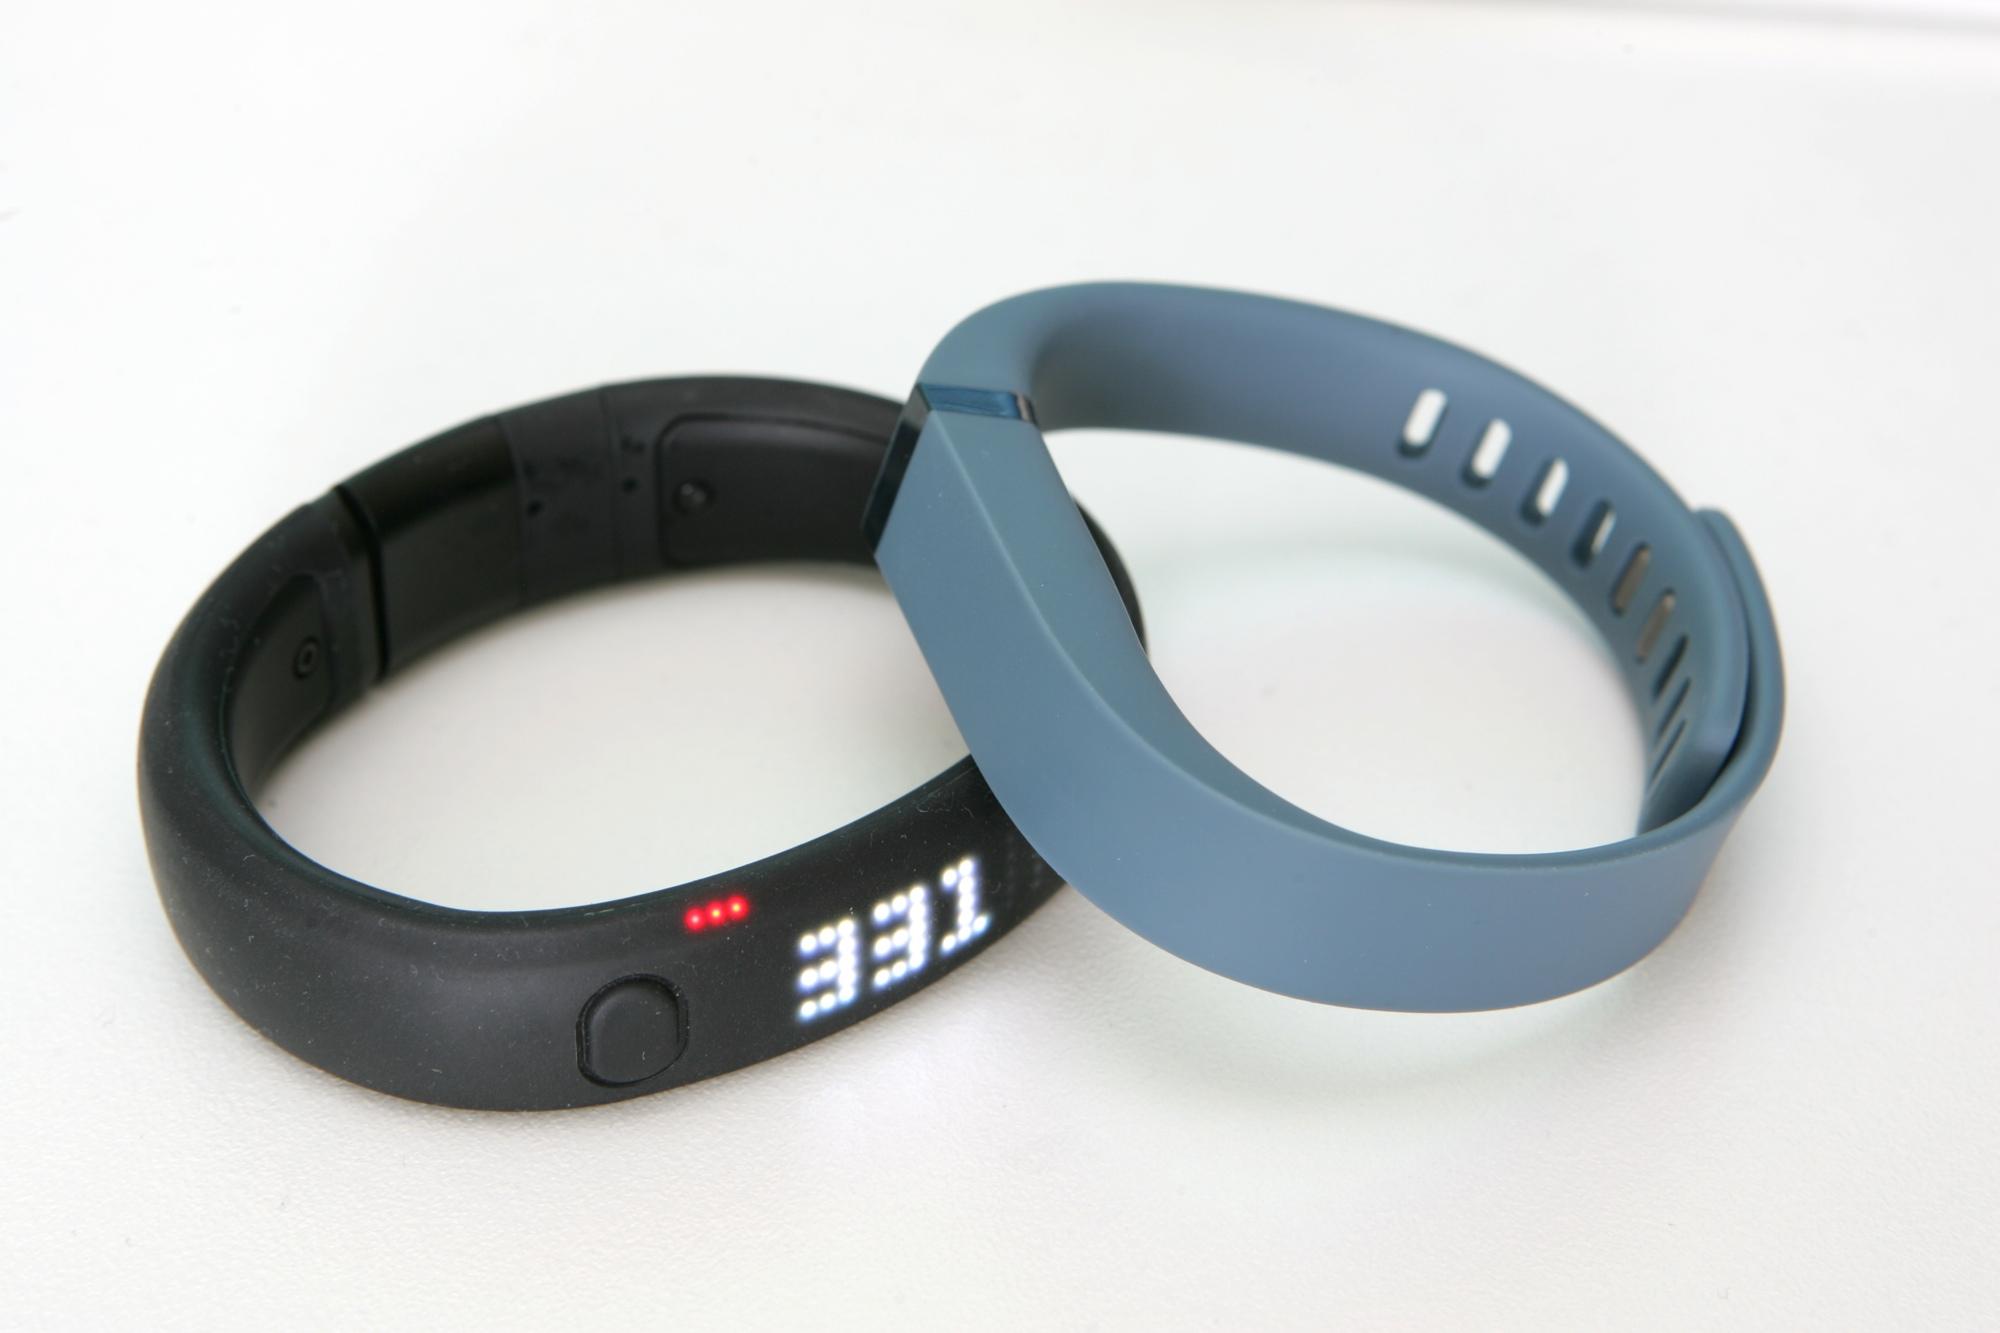 Тест и обзор: Fitbit Flex и Nike+ Fuelband SE - браслеты ...